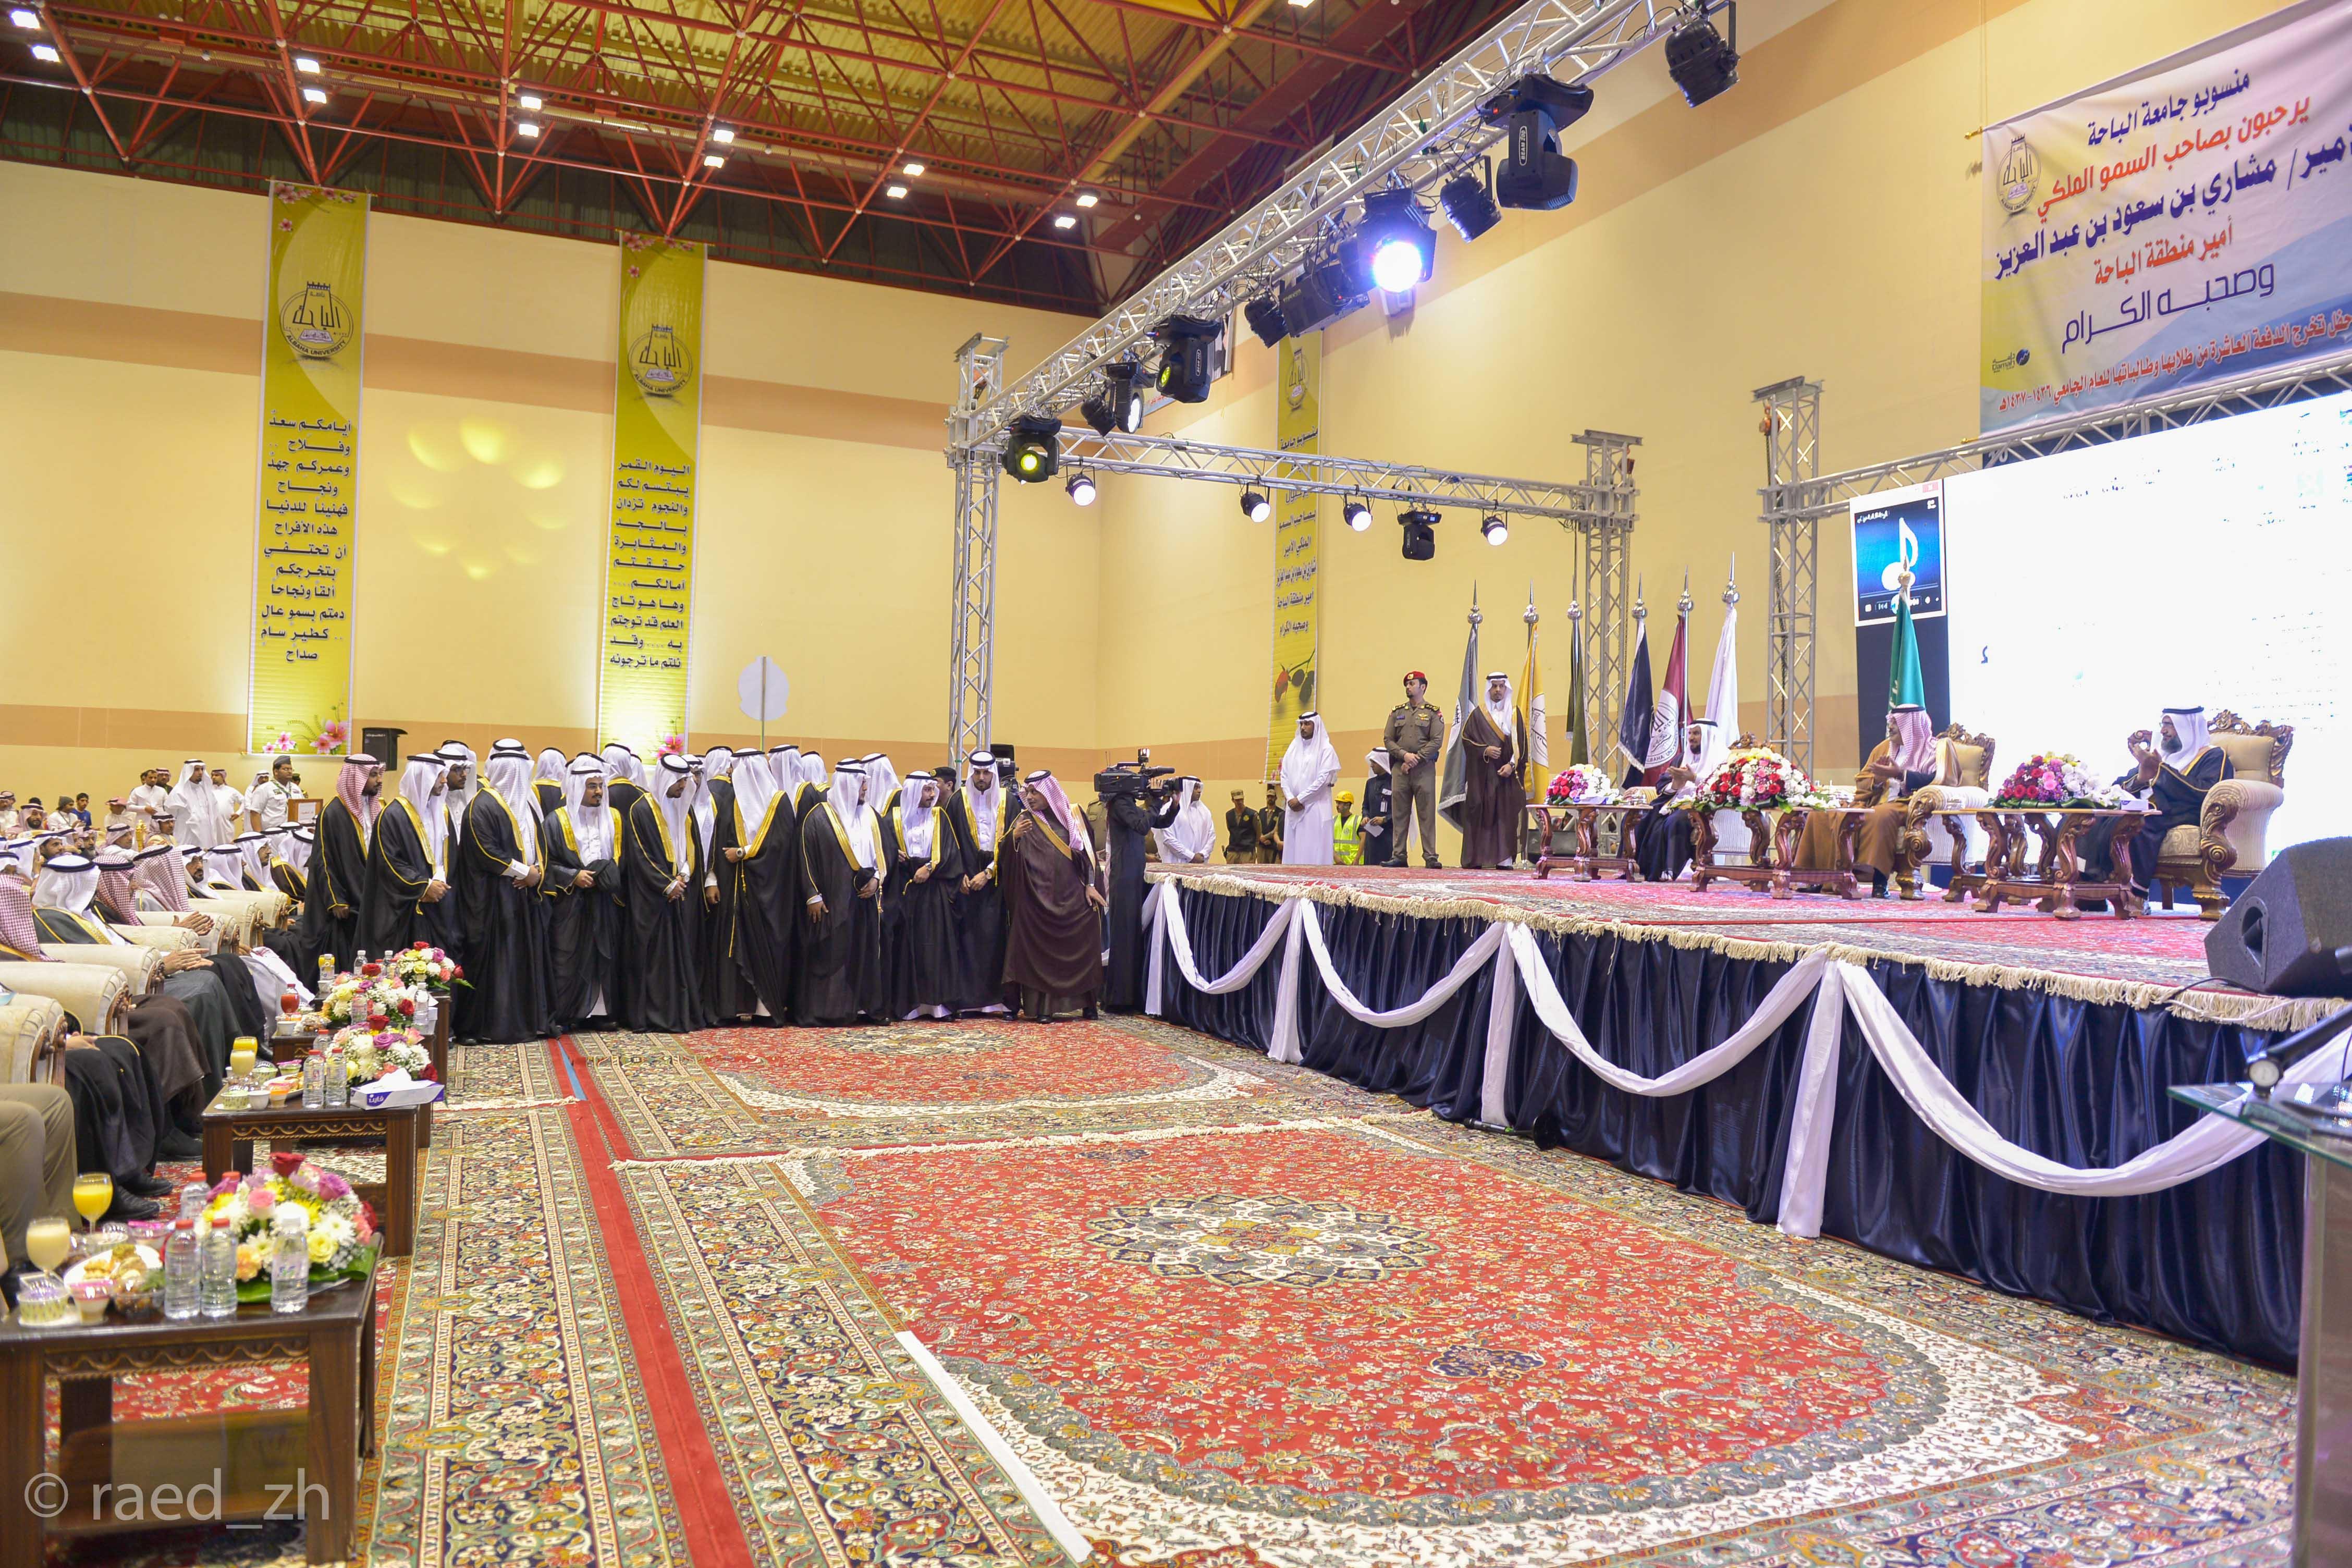 امير الباحة يرعى تخريج الدفعة العاشرة من طلاب وطالبات جامعة الباحة (22)